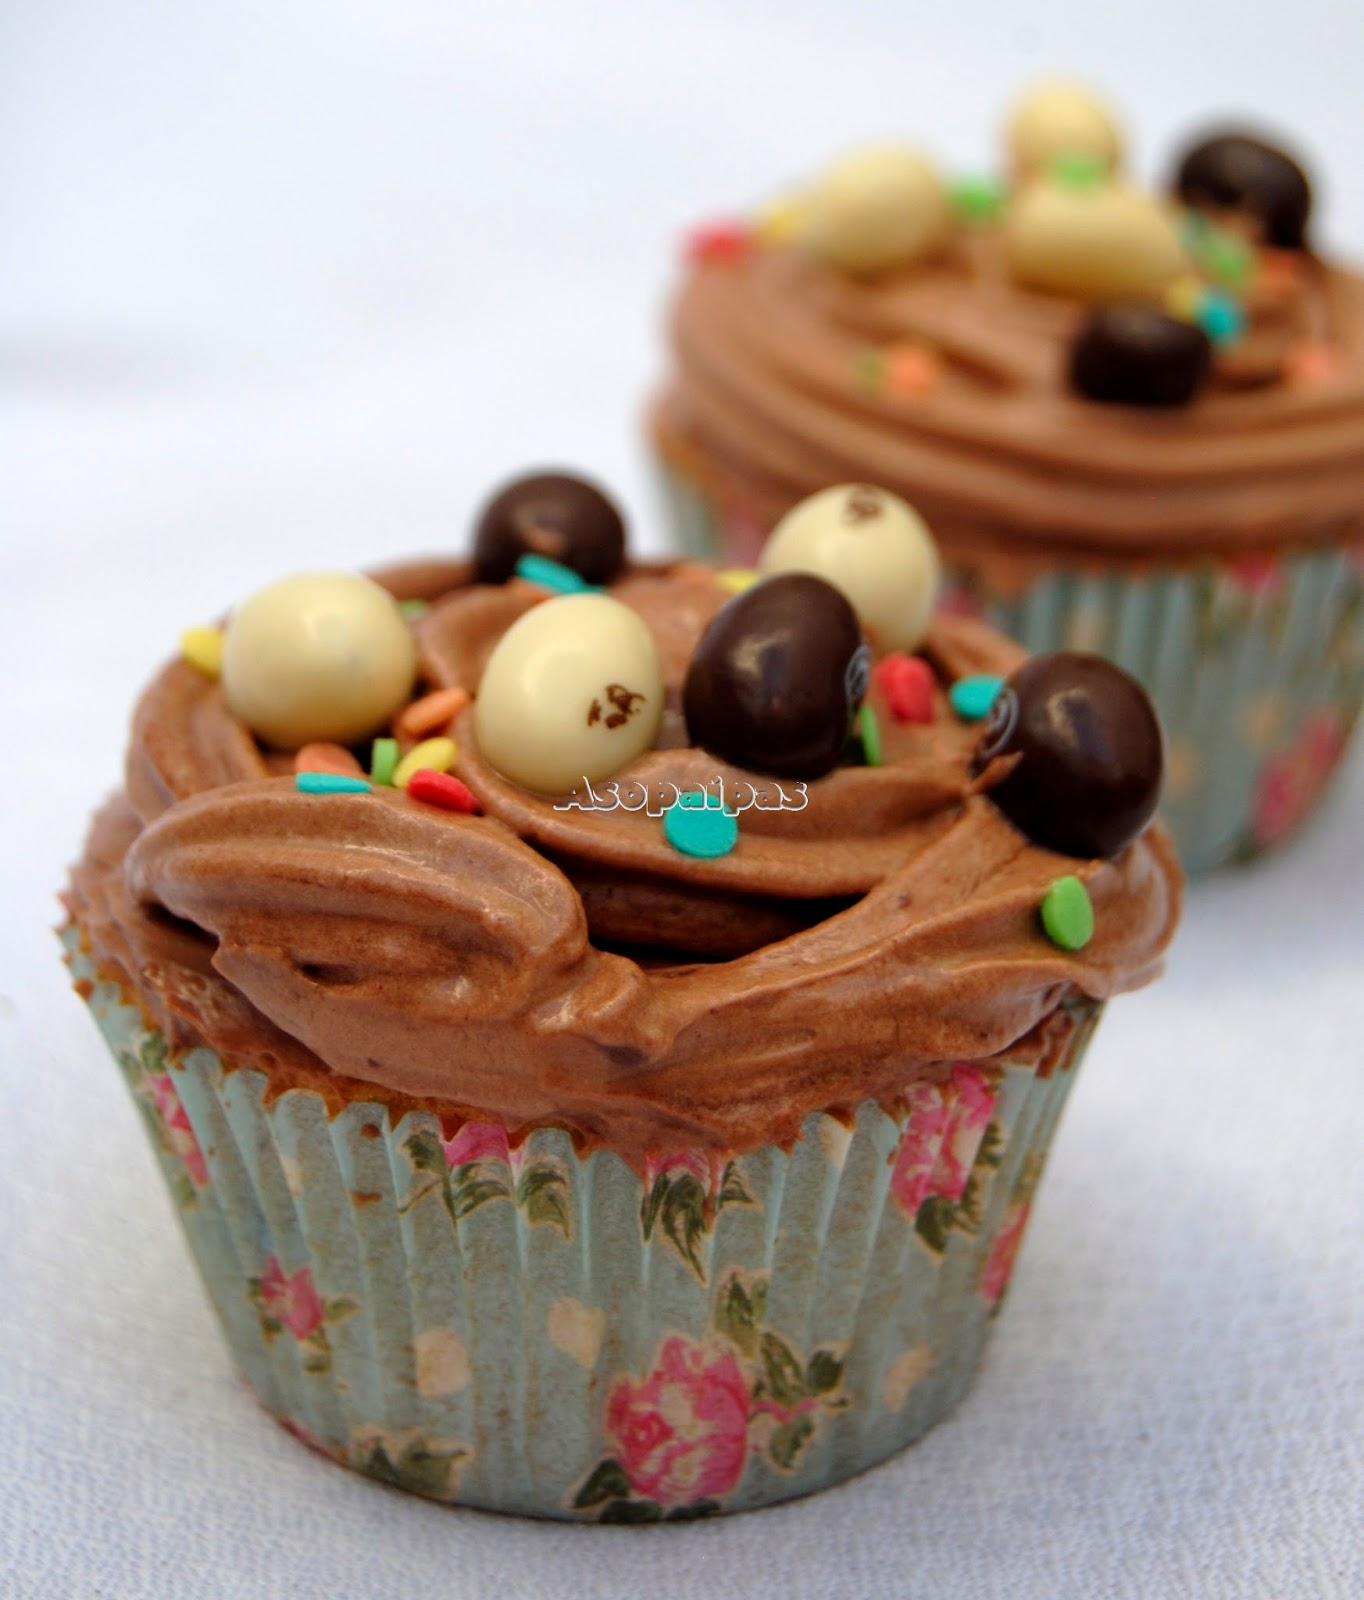 http://www.asopaipas.com/2014/06/cupcakes-de-conguitos.html